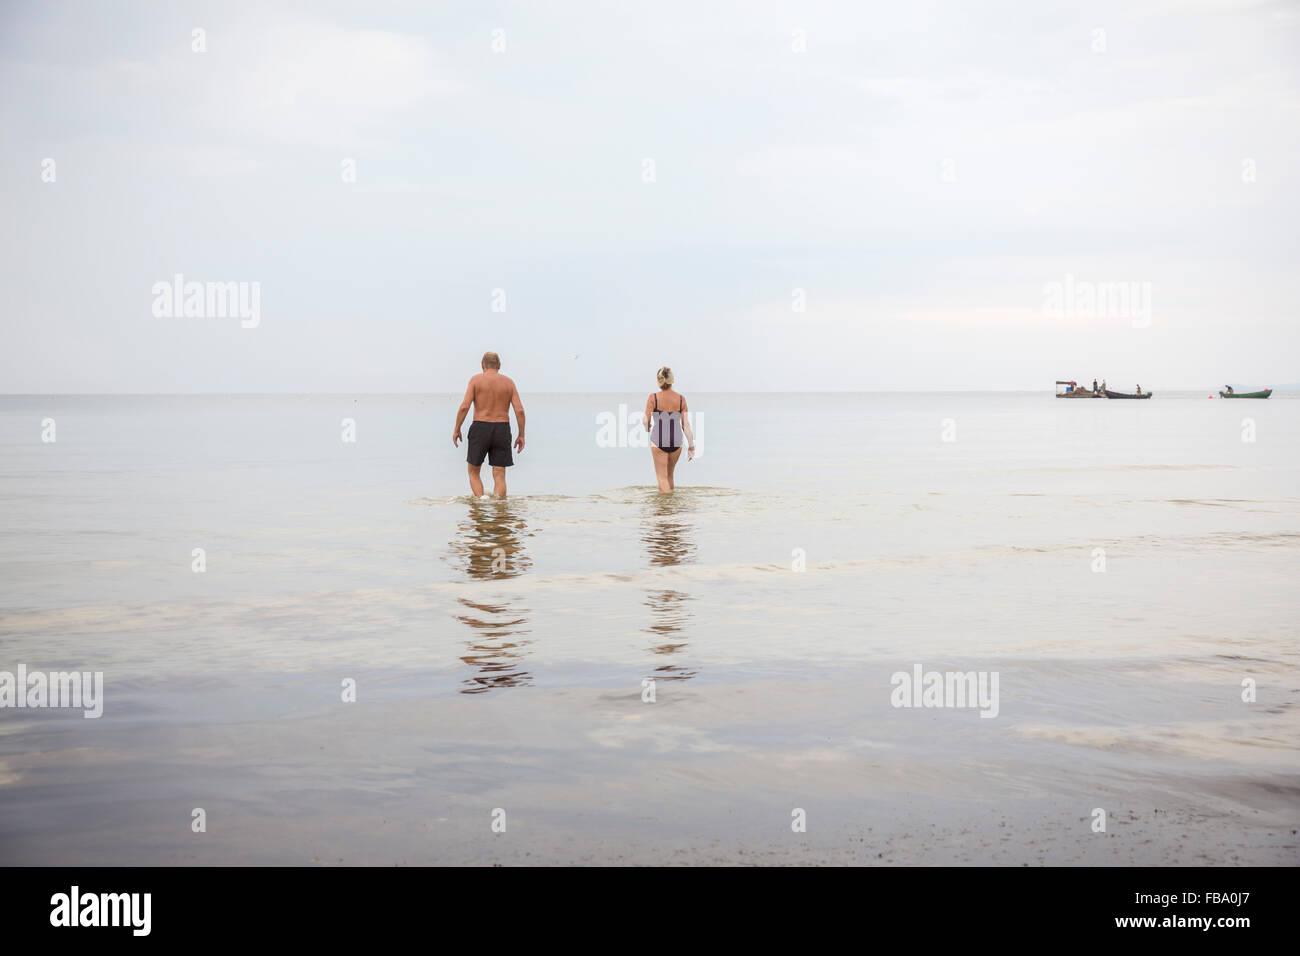 La Svezia, Skane, Ahus, l uomo e la donna entra in acqua Foto Stock